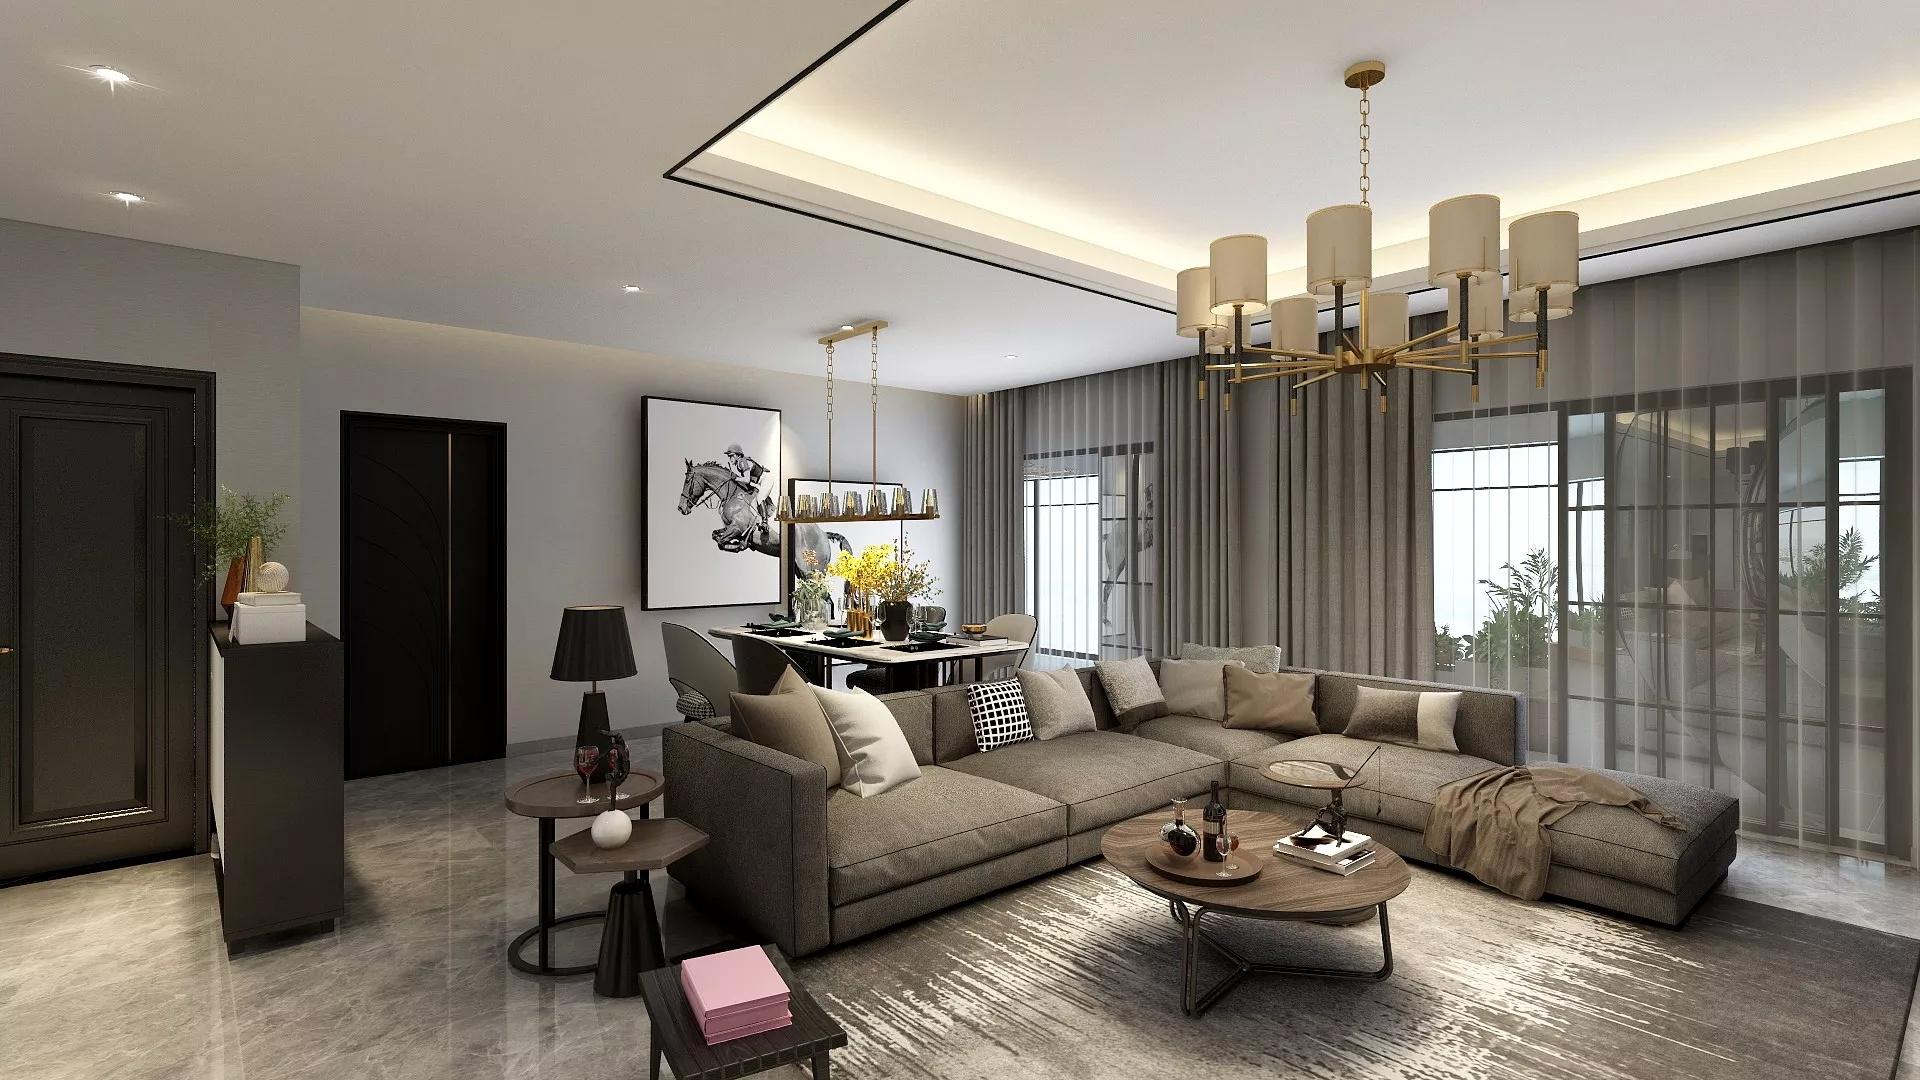 家居別墅內部裝修要怎么做?家居別墅內部裝飾如何設計?